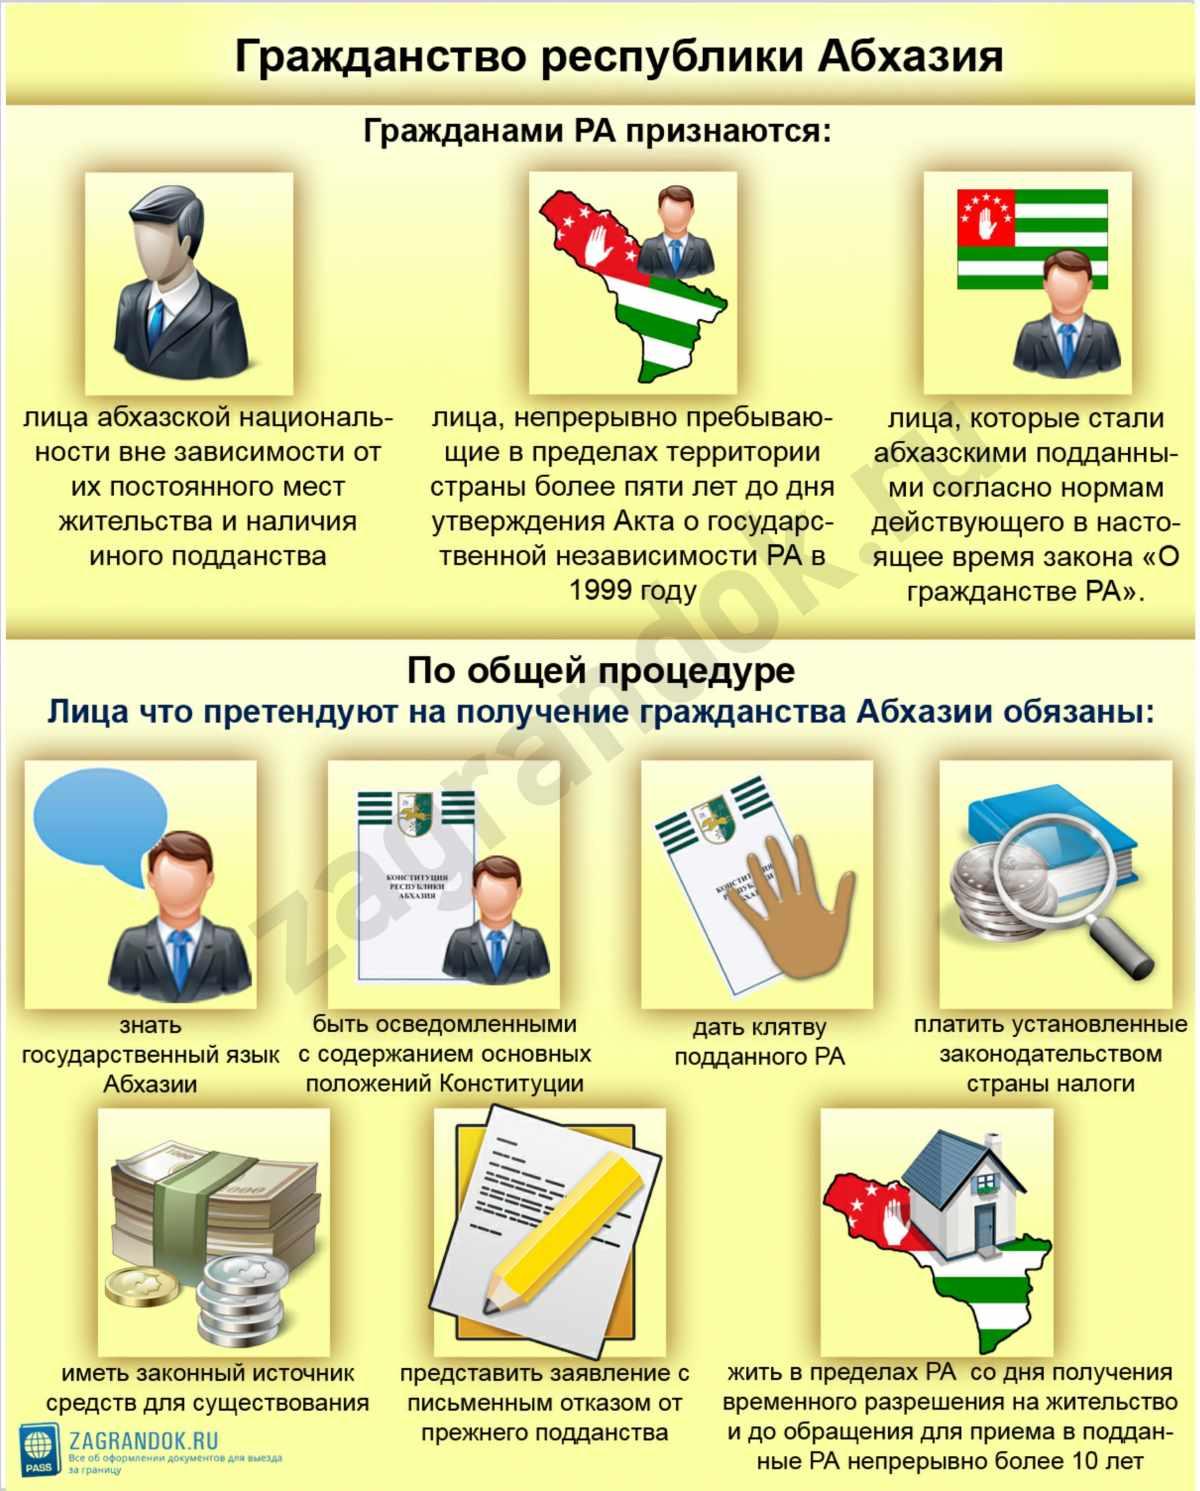 Гражданство республики Абхазия